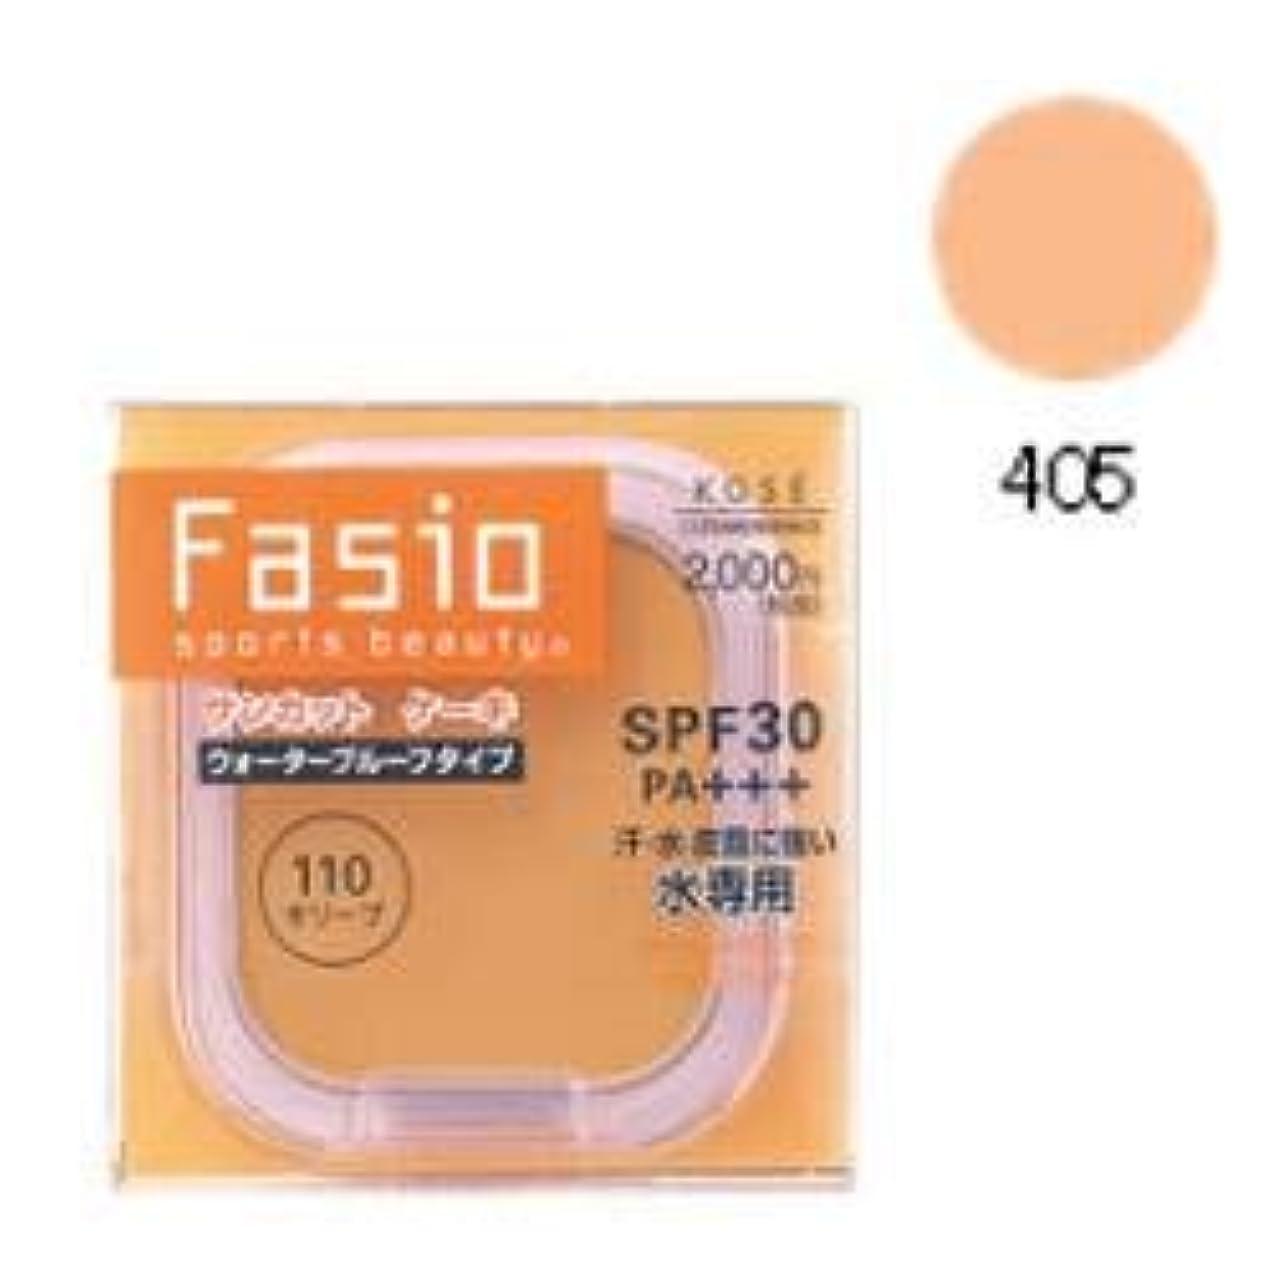 写真を撮るスキップ自己コーセー Fasio ファシオ サンカット ケーキ 詰め替え用 405